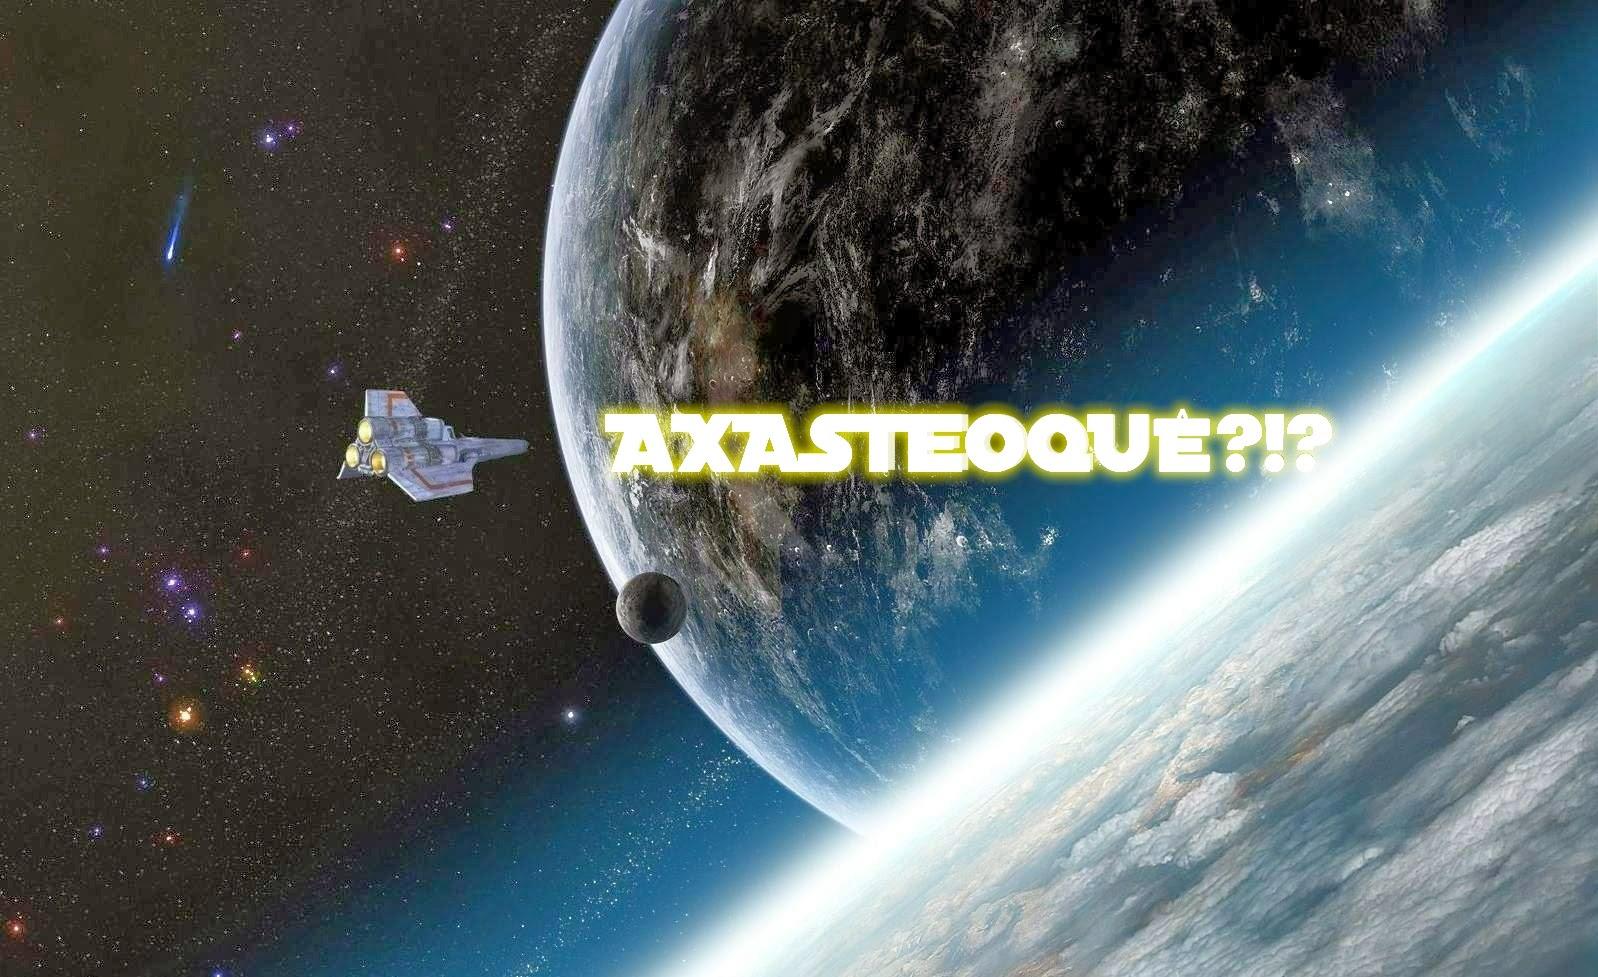 Video Wallpaper: Top Hintergründe zum Download CHIP - Hintergrundbilder Weltraum Kostenlos